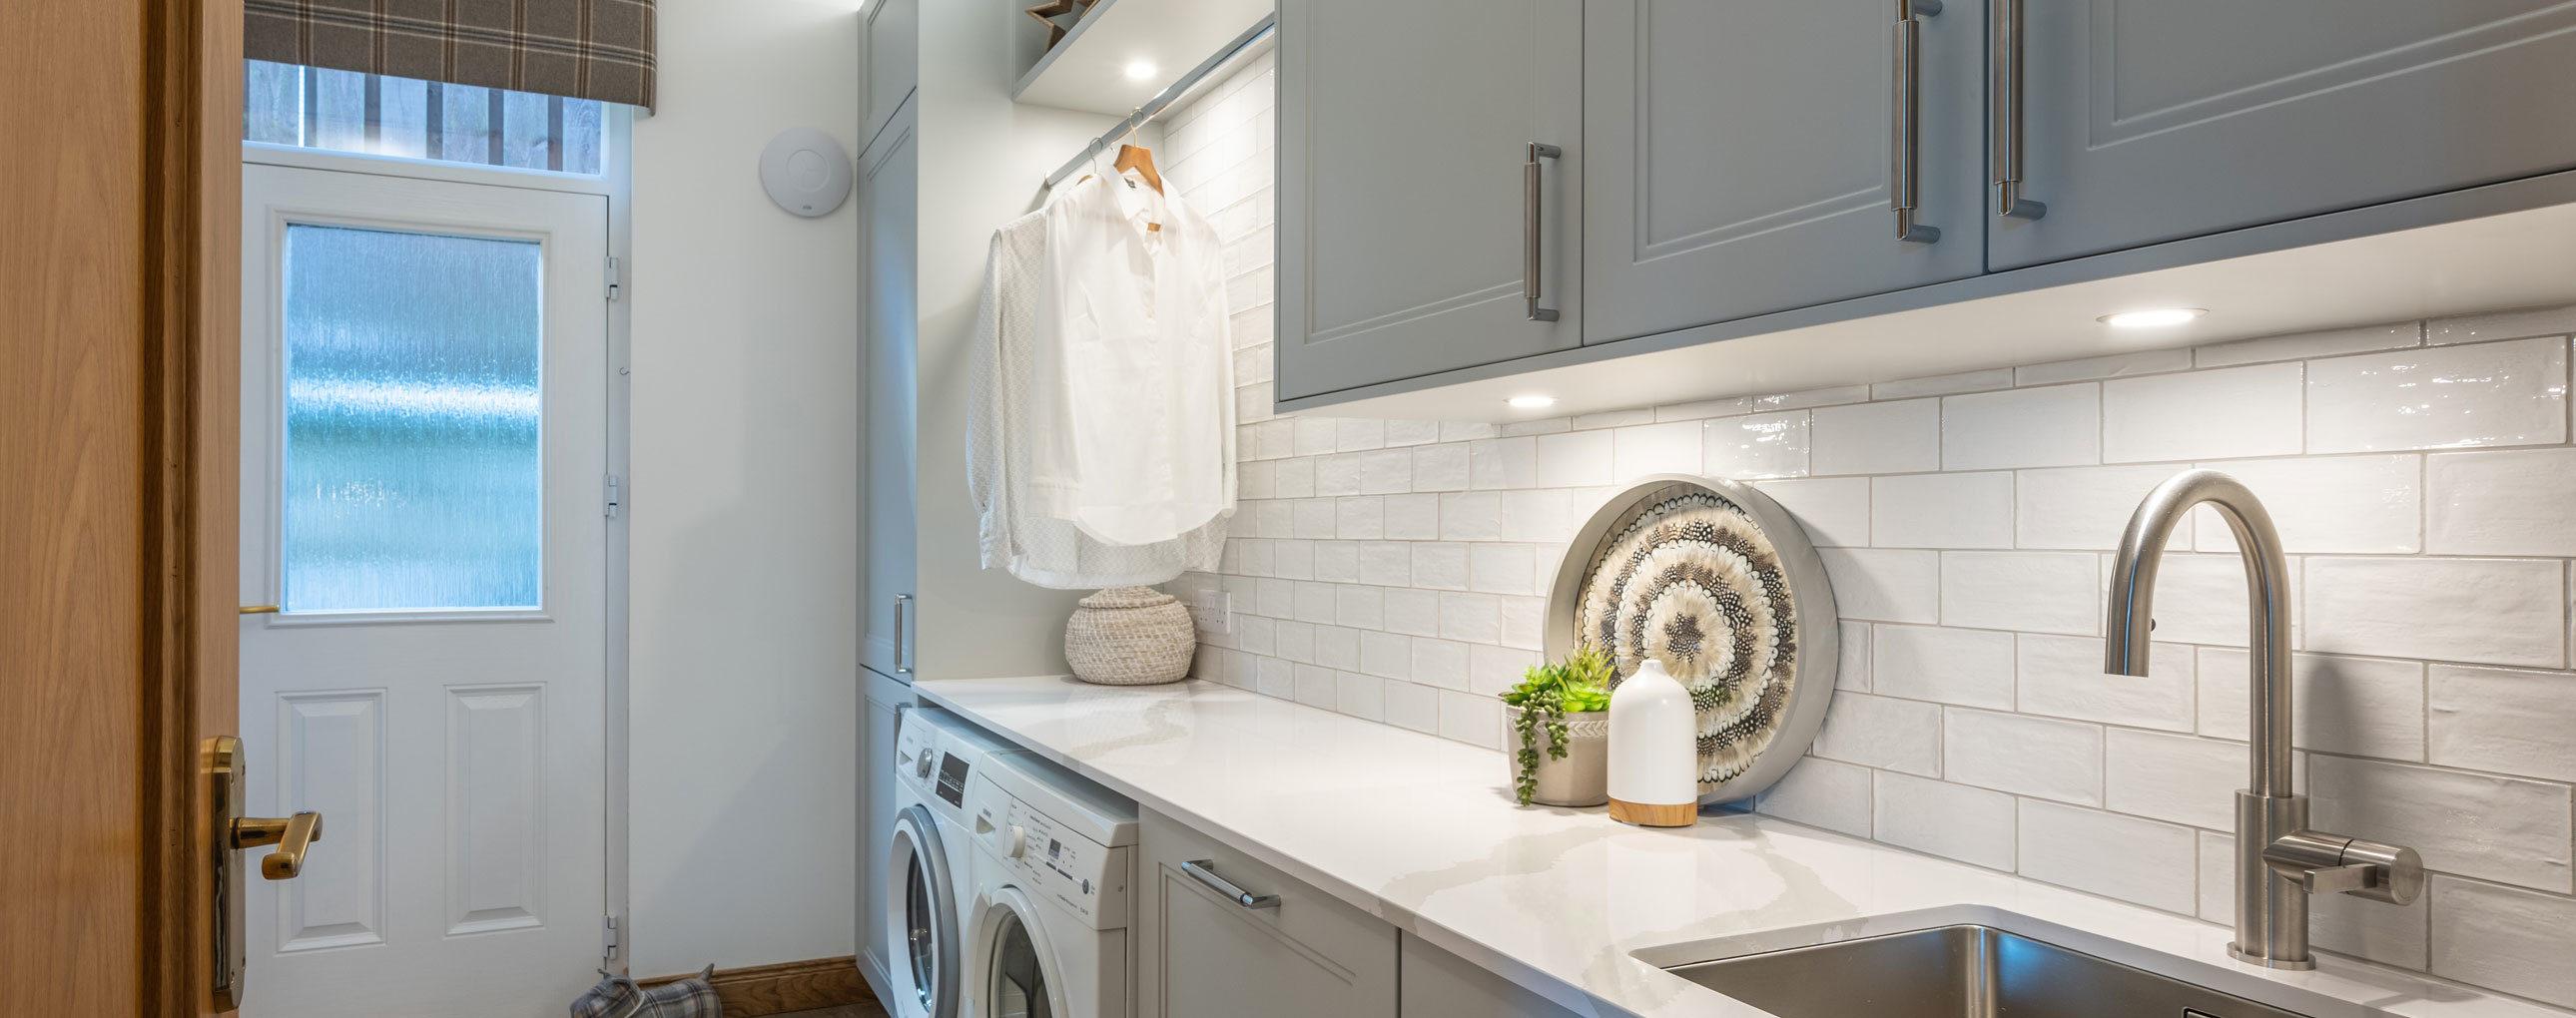 Cameron Laundry Room